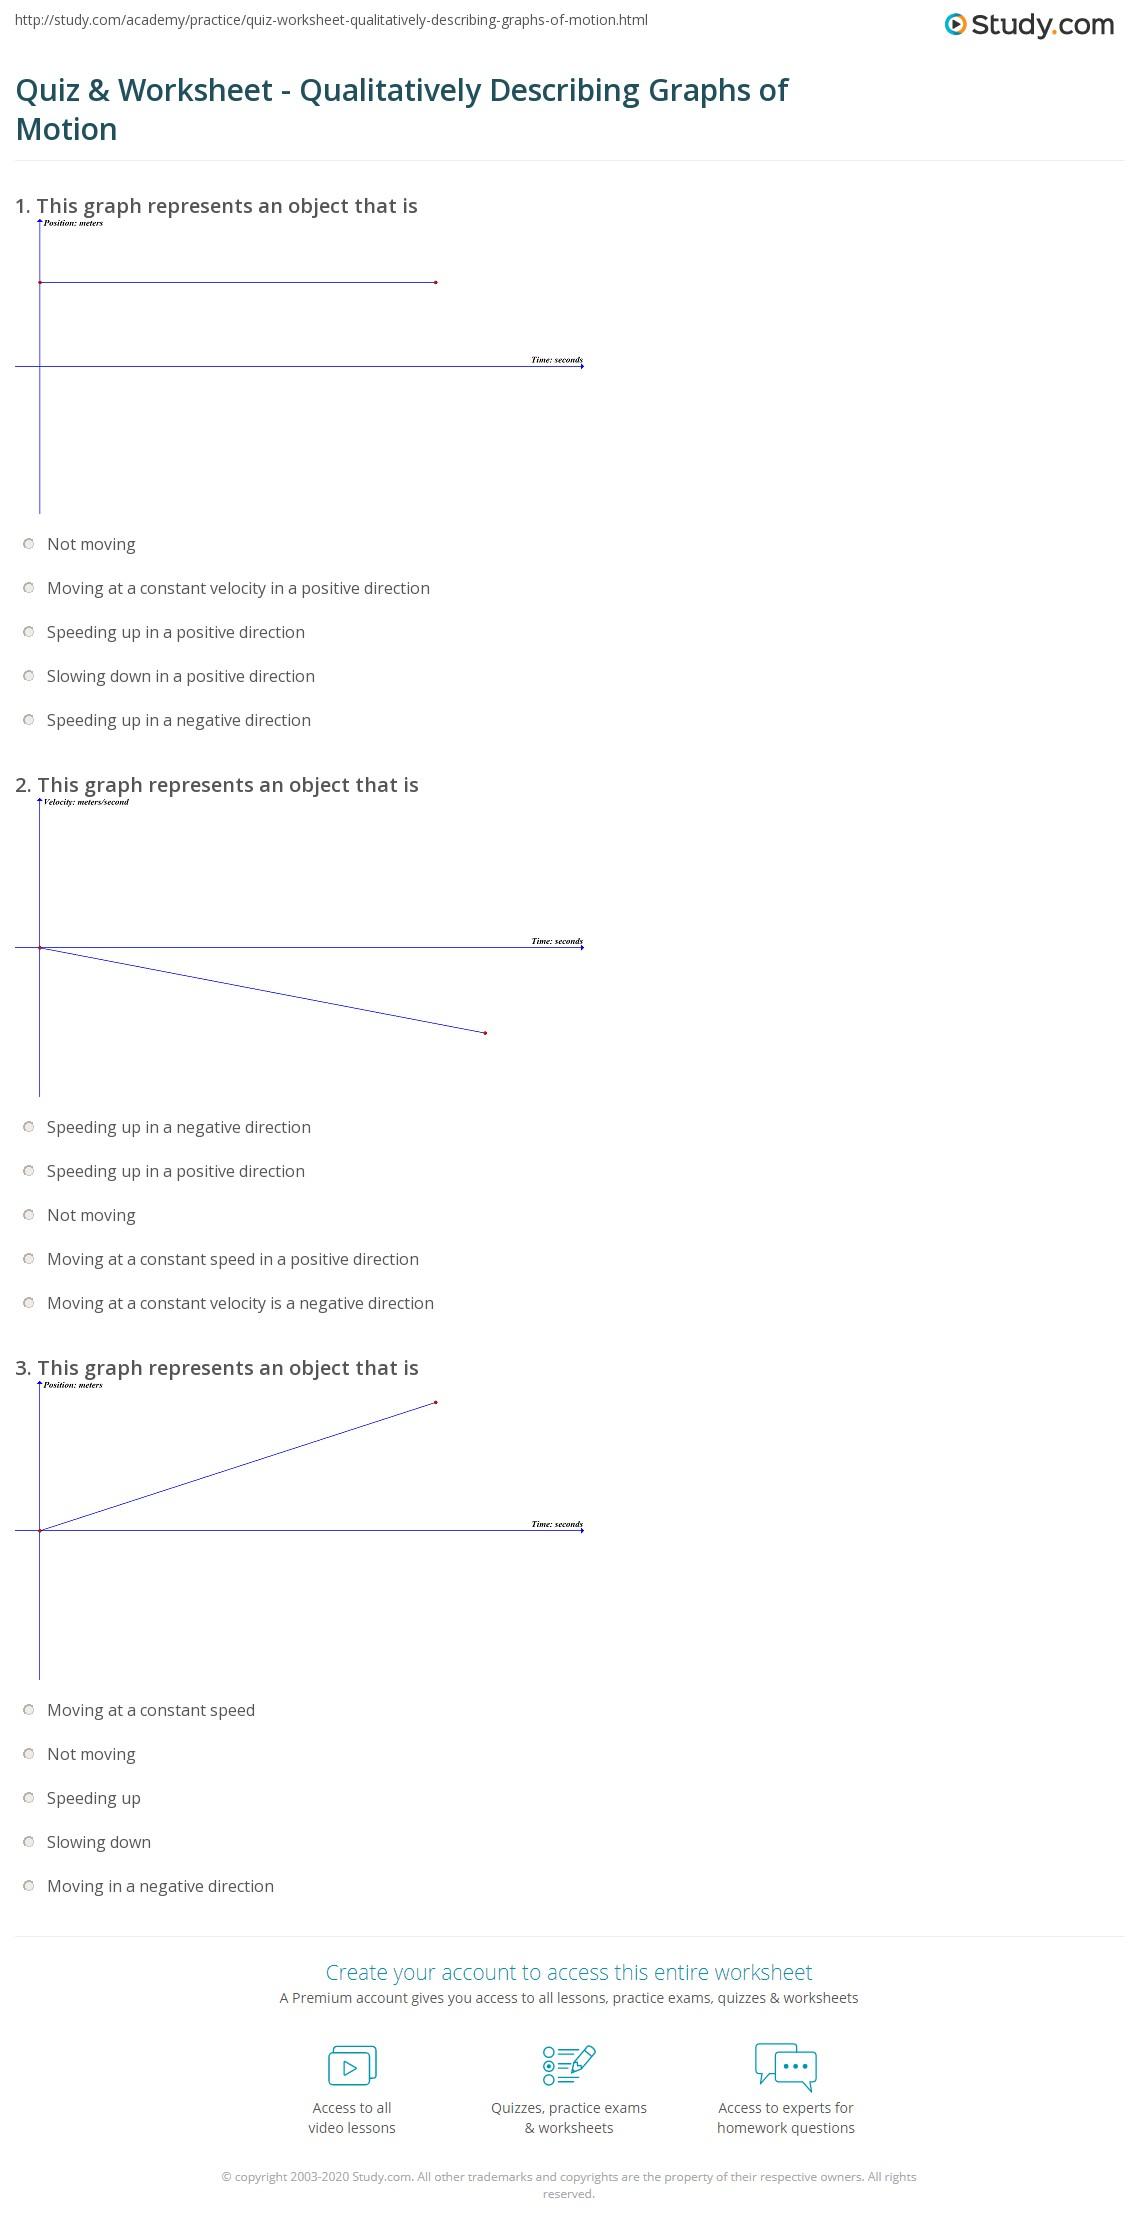 Worksheets Biology Graphing Worksheets quiz worksheet qualitatively describing graphs of motion print understanding giving qualitative descriptions worksheet